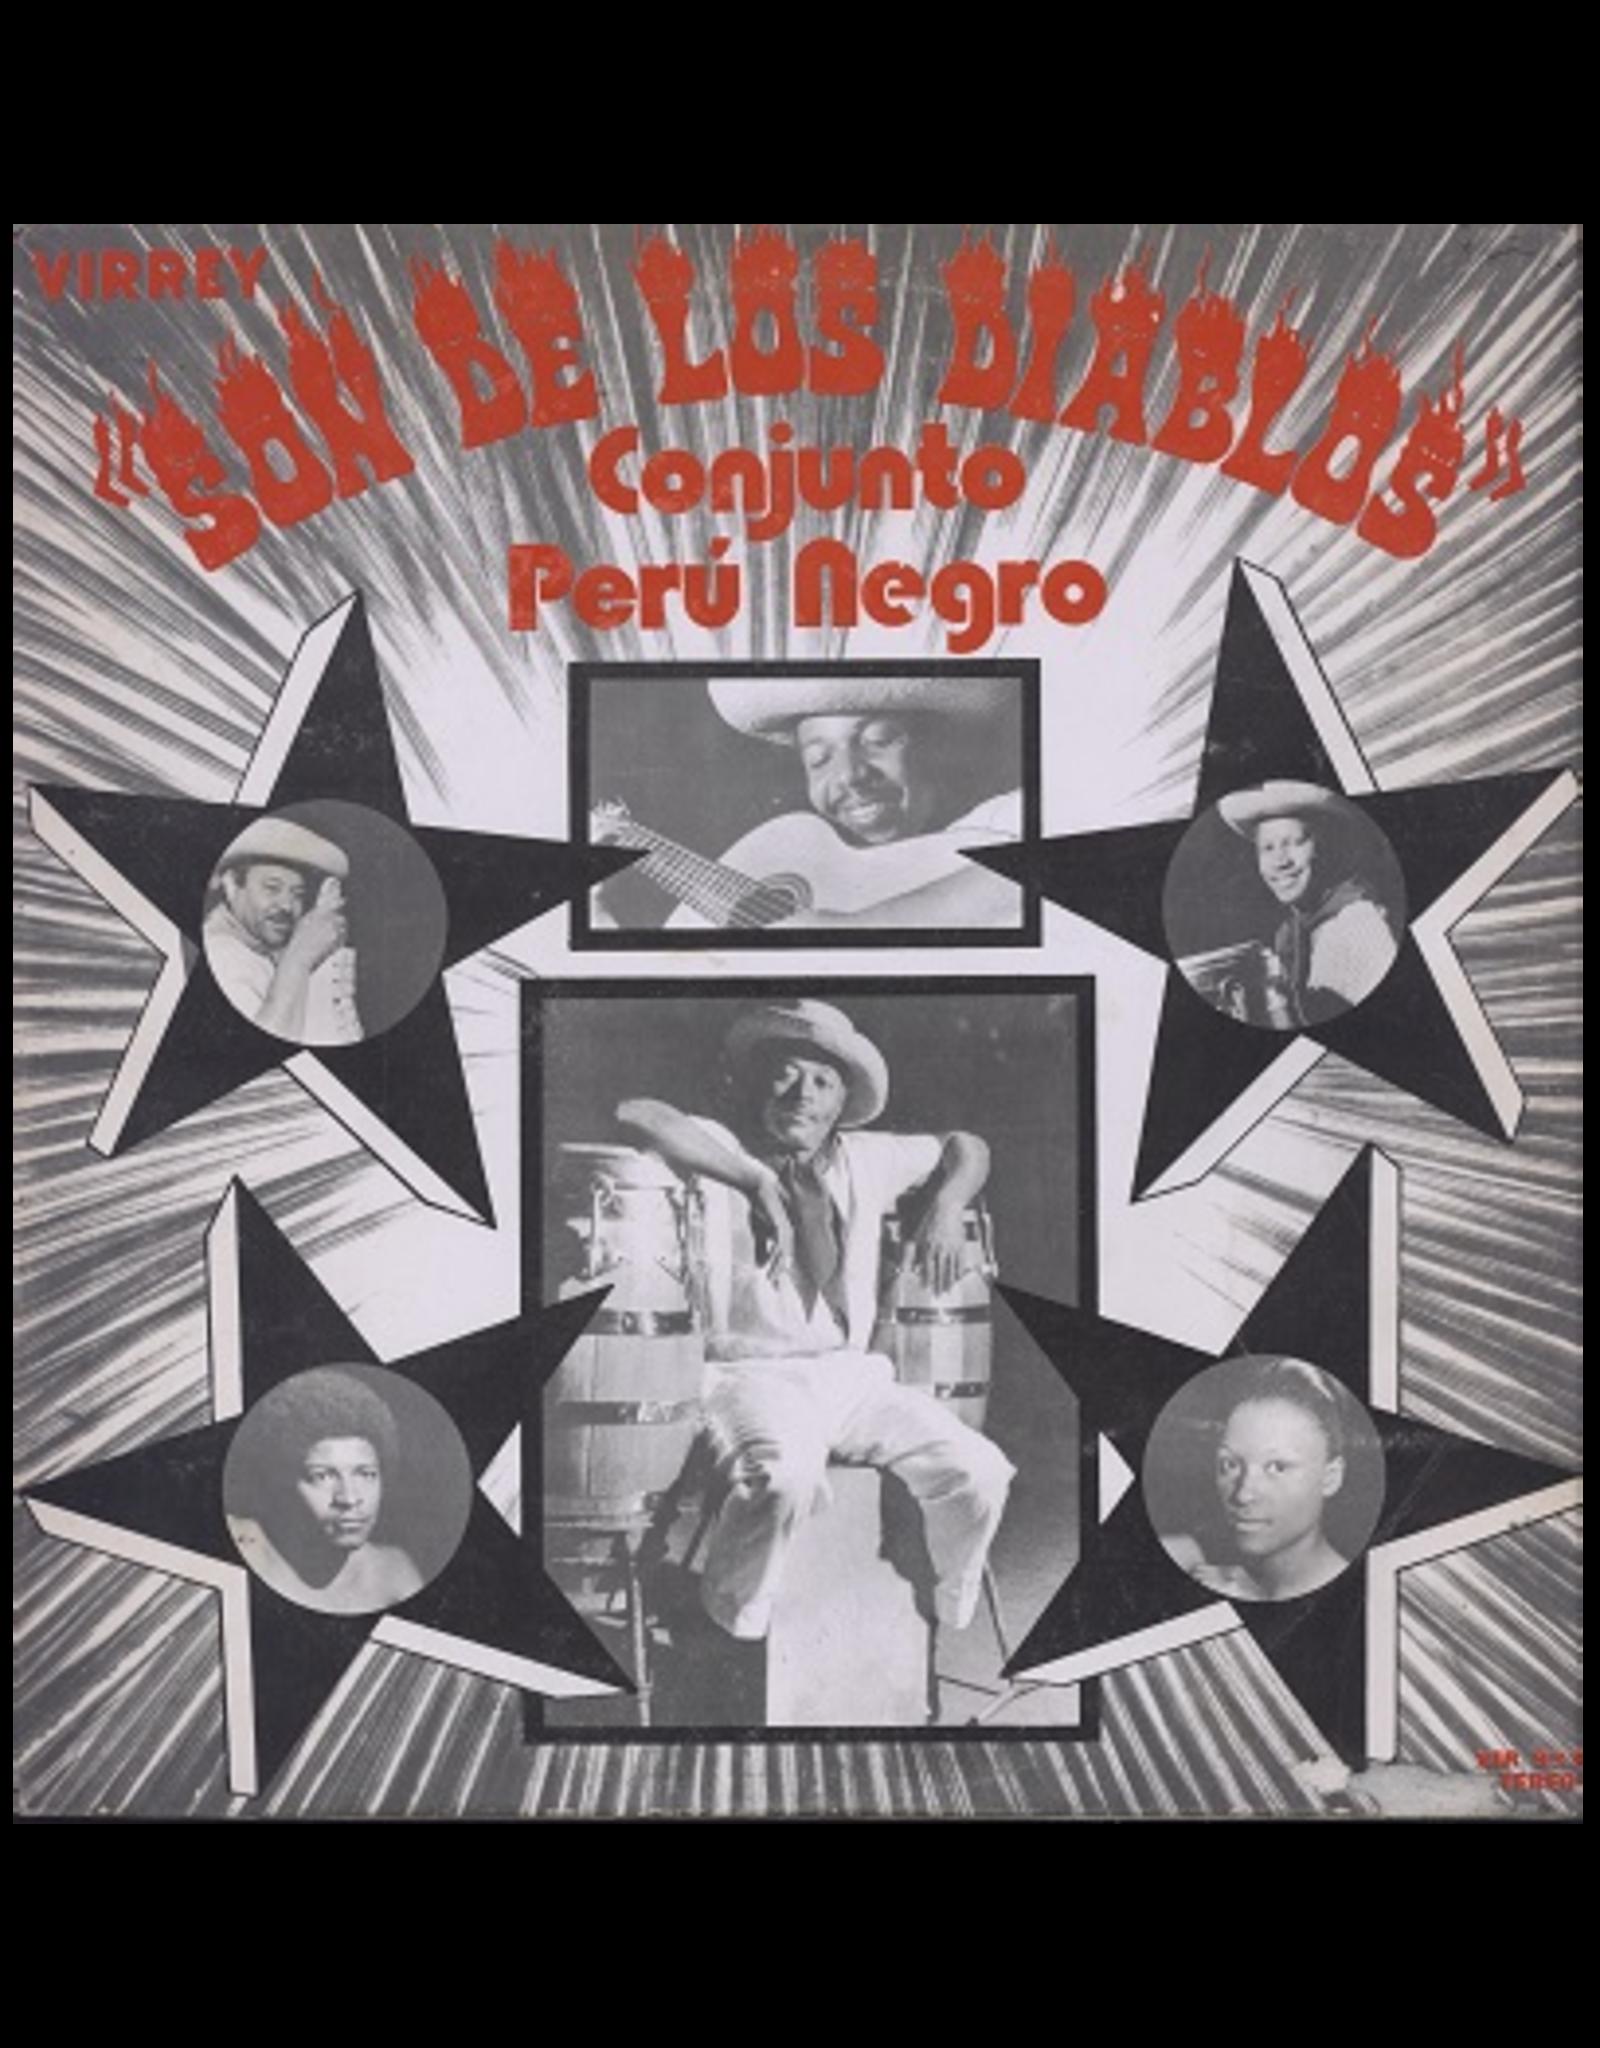 New Vinyl Conjunto Peru Negro - Son De Los Diablos LP